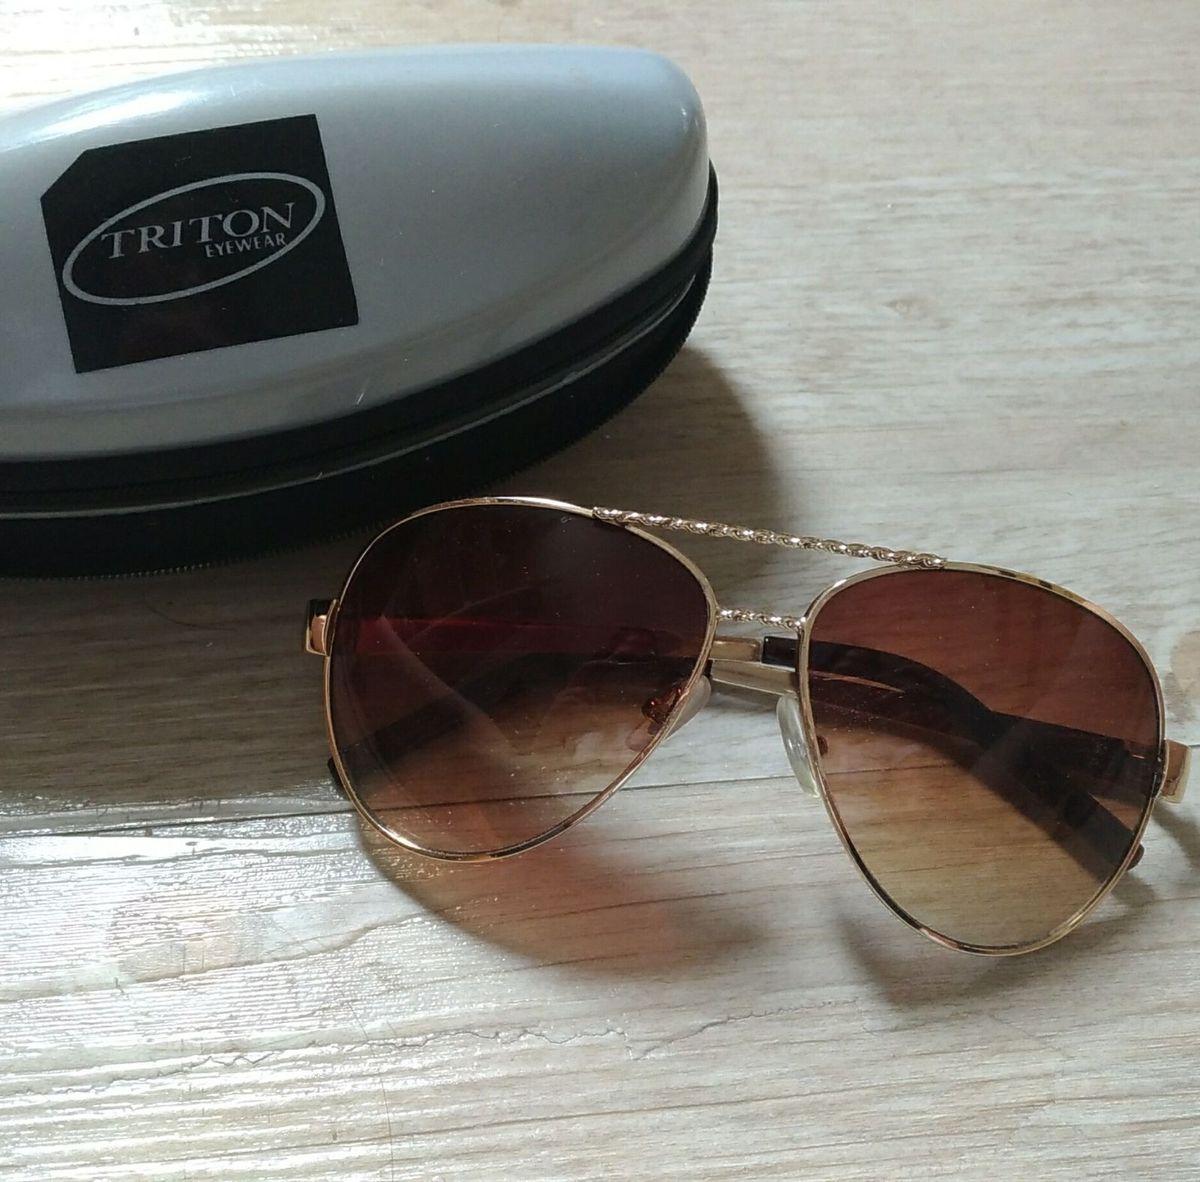 óculos de sol triton - óculos triton.  Czm6ly9wag90b3muzw5qb2vplmnvbs5ici9wcm9kdwn0cy84mjy3ndqzl2zhode3nze0ymzjzwfhnzm3nzexzdu3ztk5njjhyja5lmpwzw  ... 0ae474ad9c